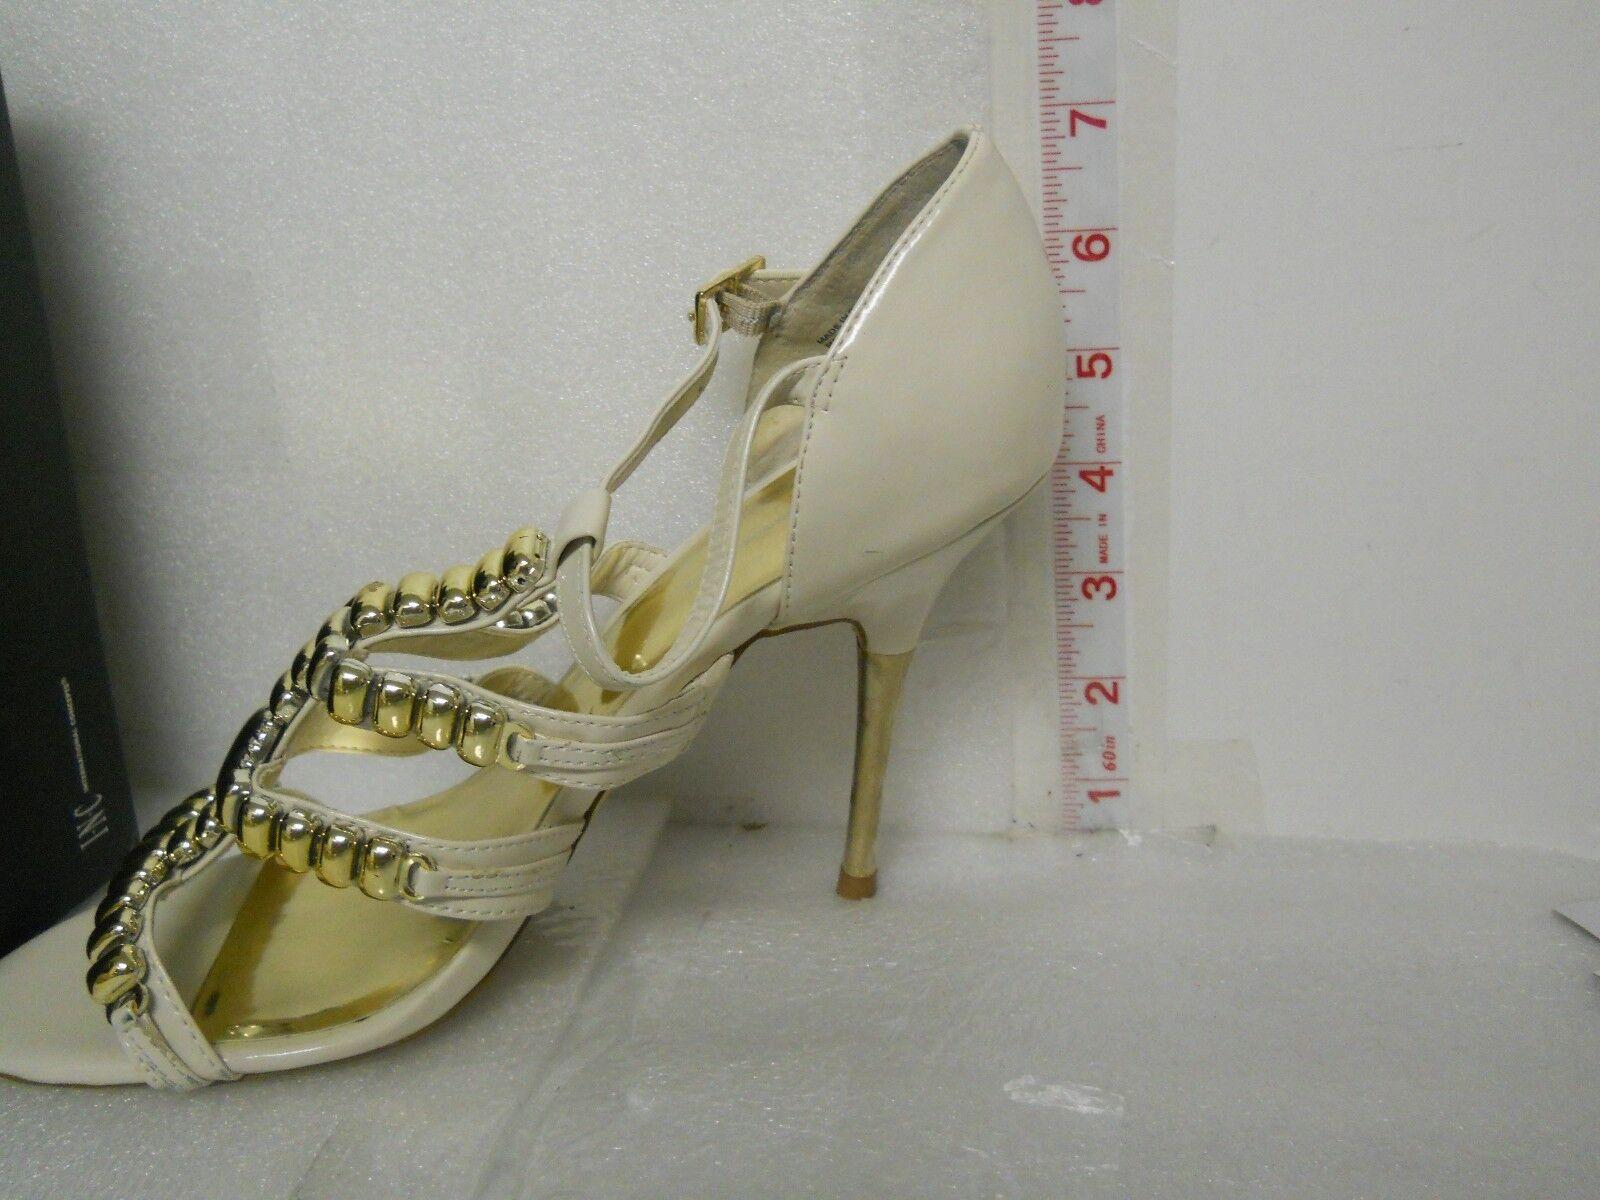 INC International Concepts NEU Damenschuhe Lorna WEISS Bone Heels 8.5 M Schuhes